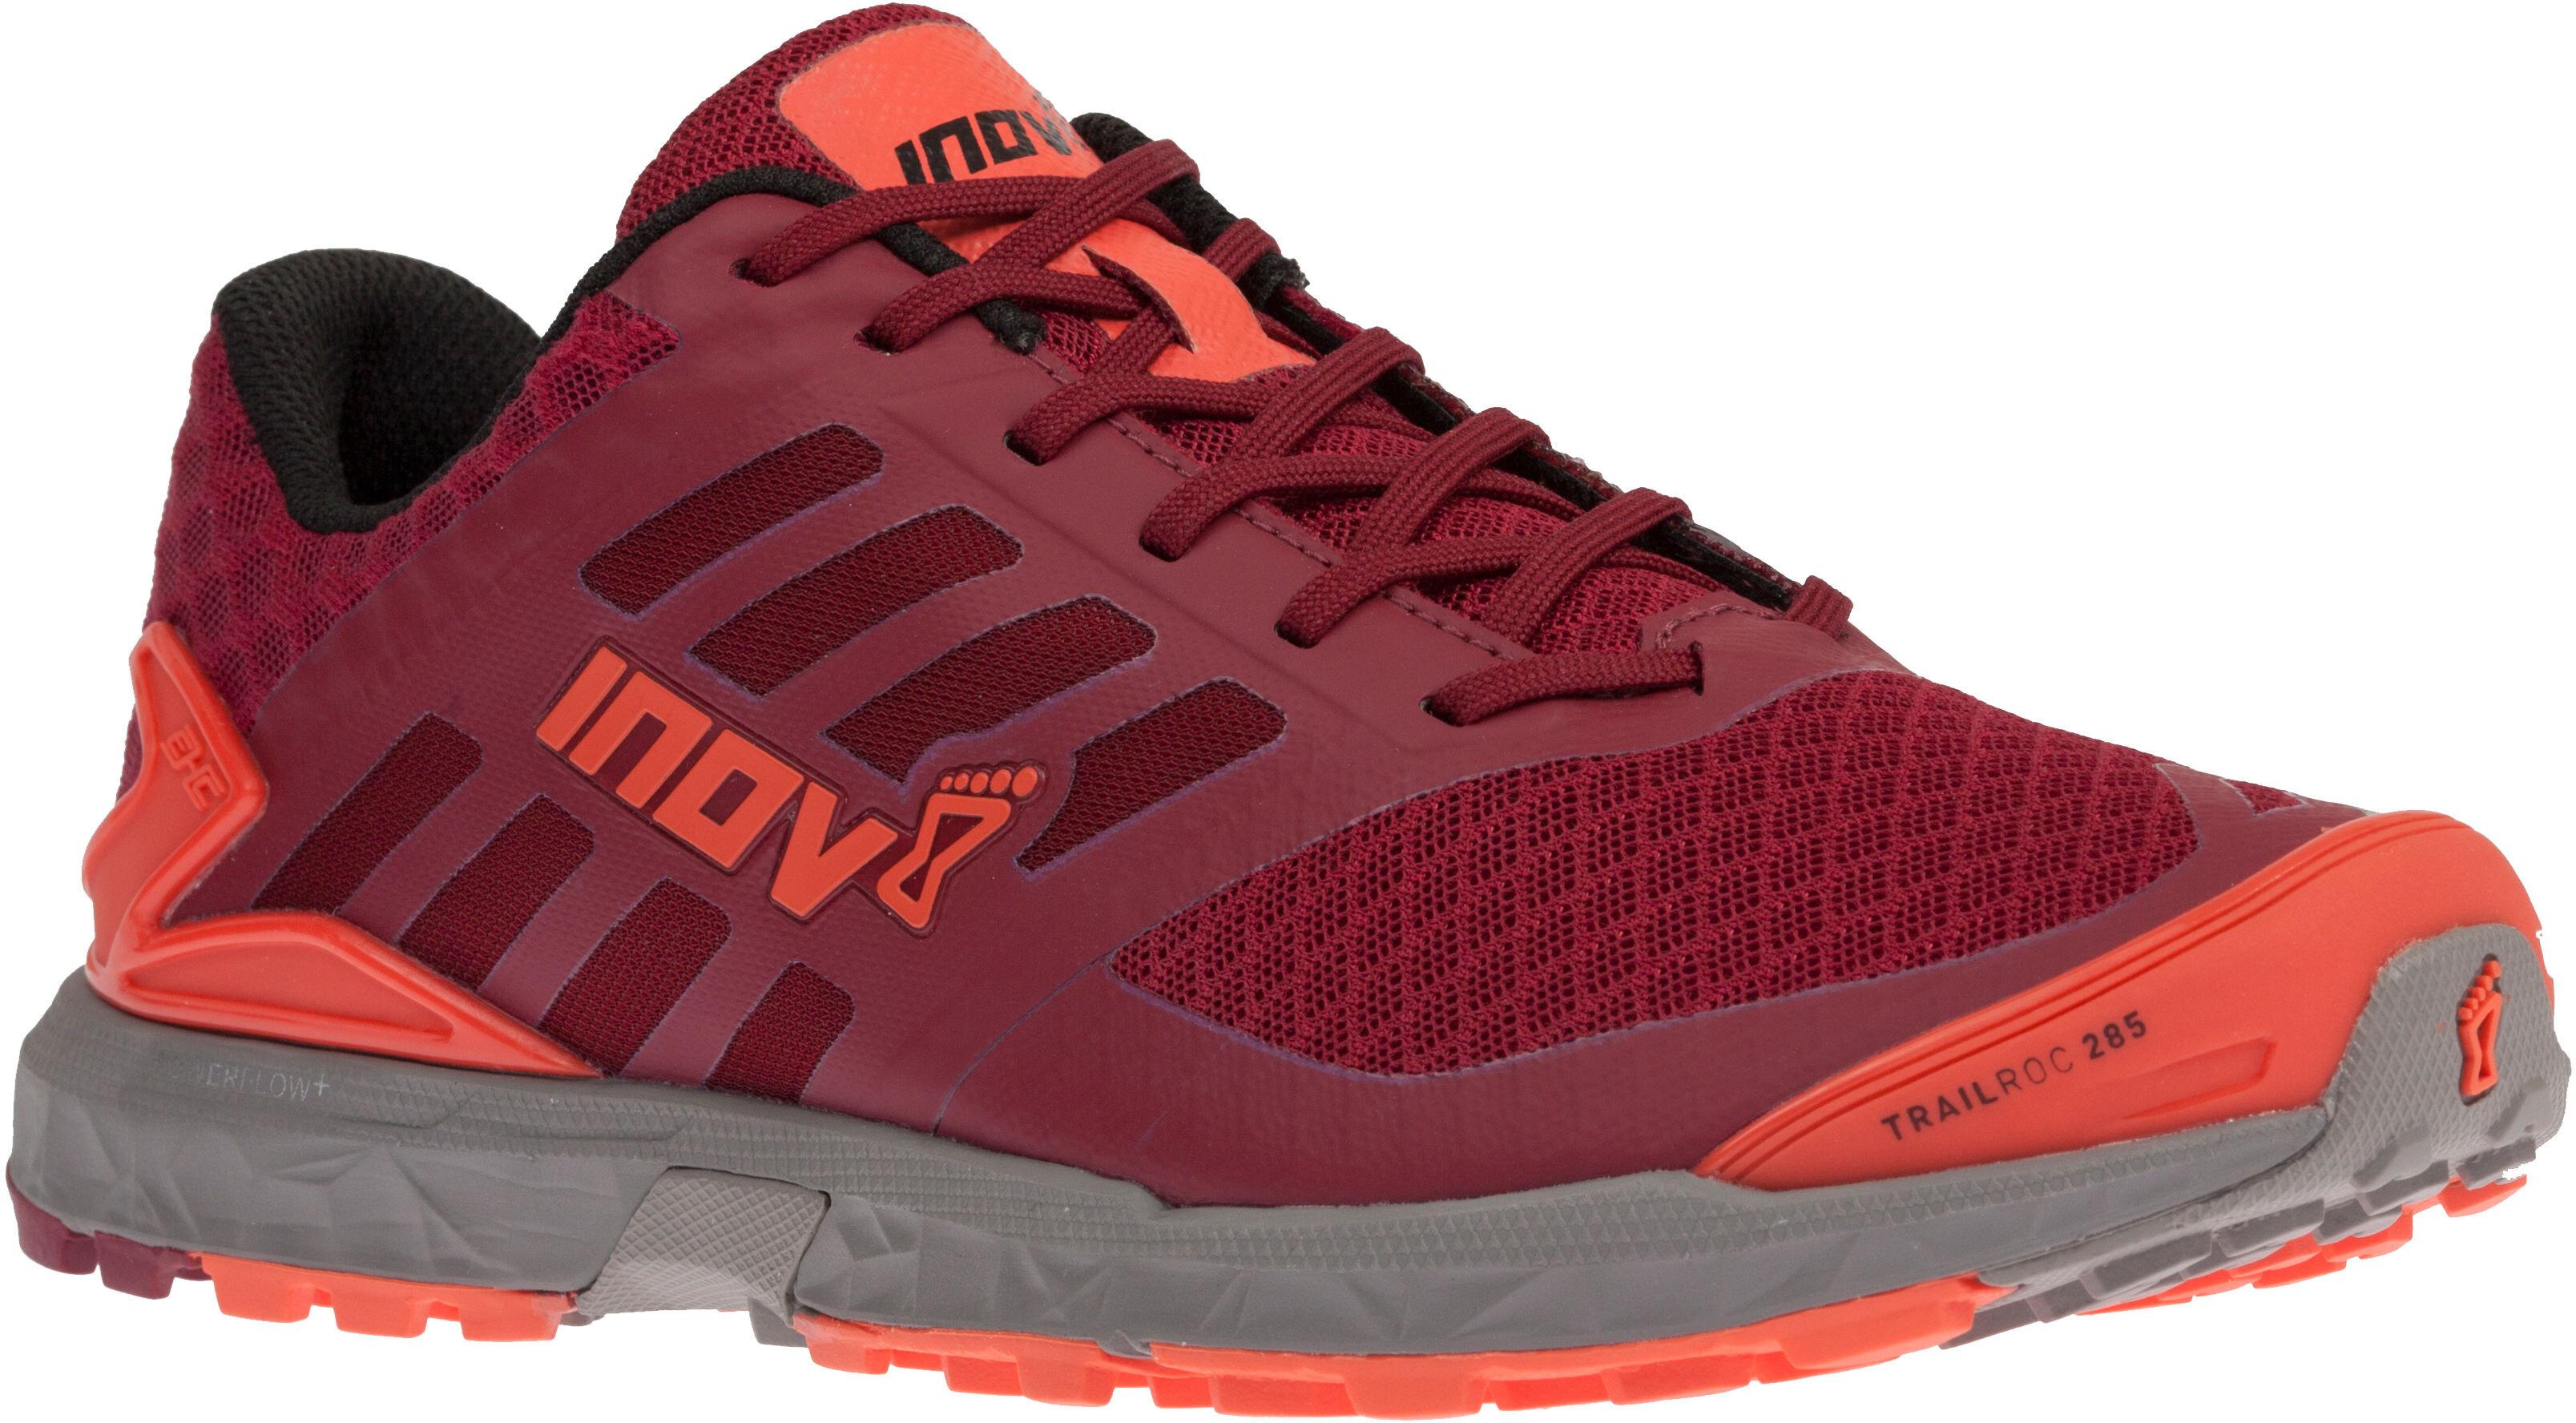 46225b5c inov-8 Trailroc 285 - Zapatillas running Mujer - naranja/rojo | Campz.es